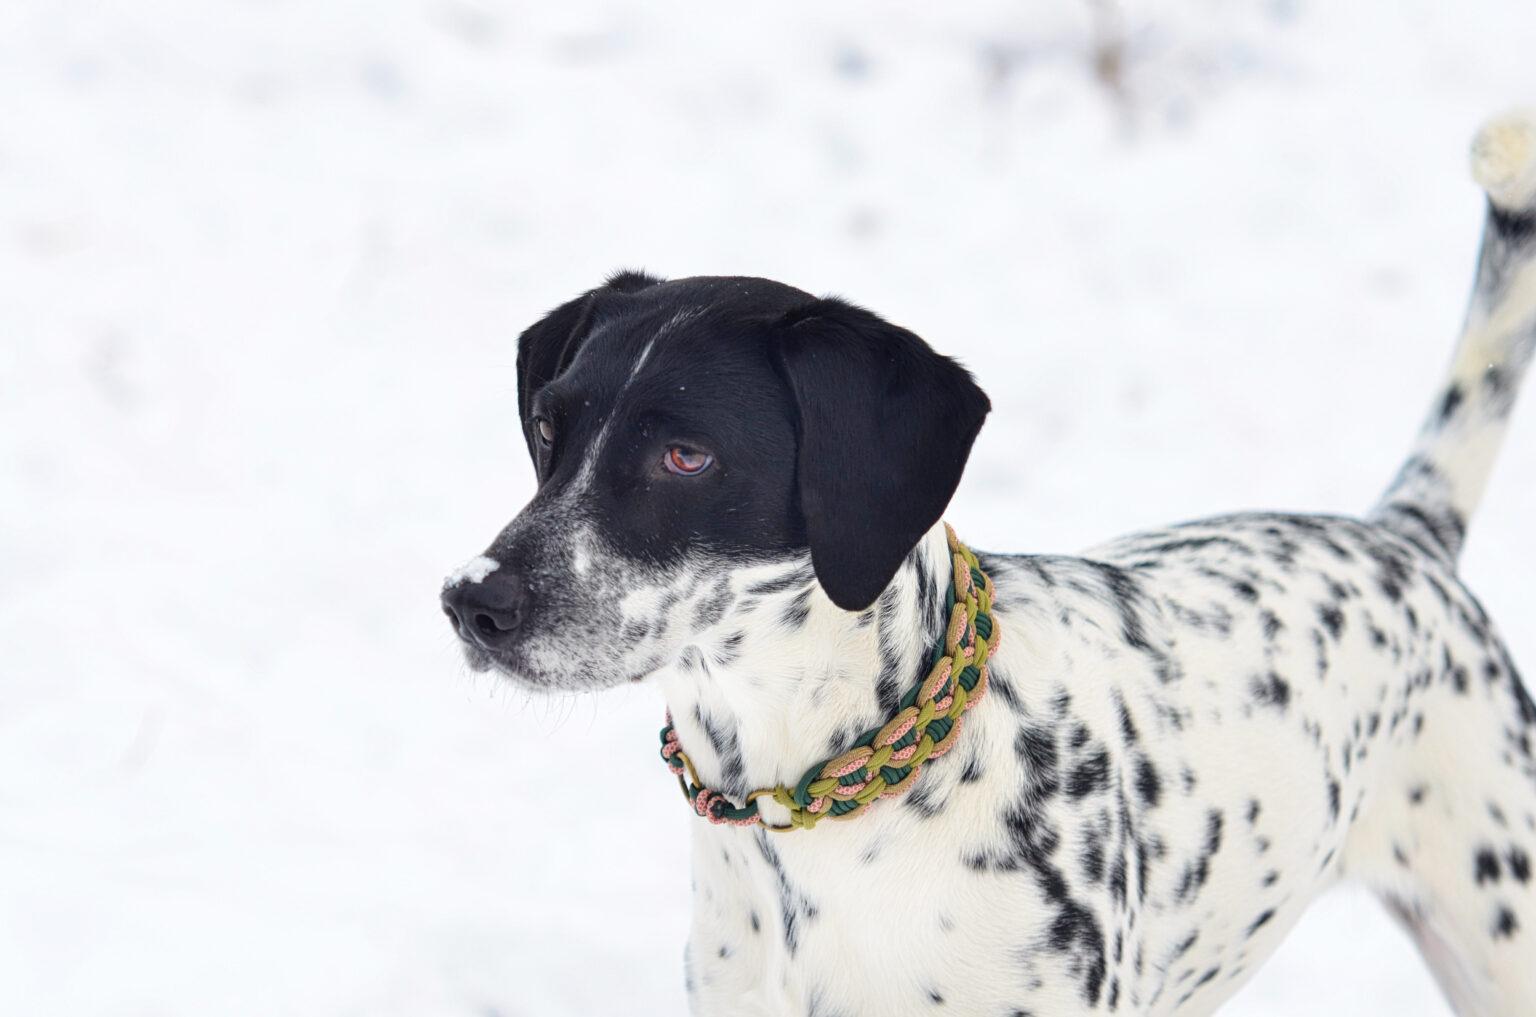 Rosa zeigt hier eine Spielwiese in grün , rosa und gold.  Durch die geringe Dicke ist das Halsband sehr leicht und stört daher keinesfalls beim Toben im Schnee.